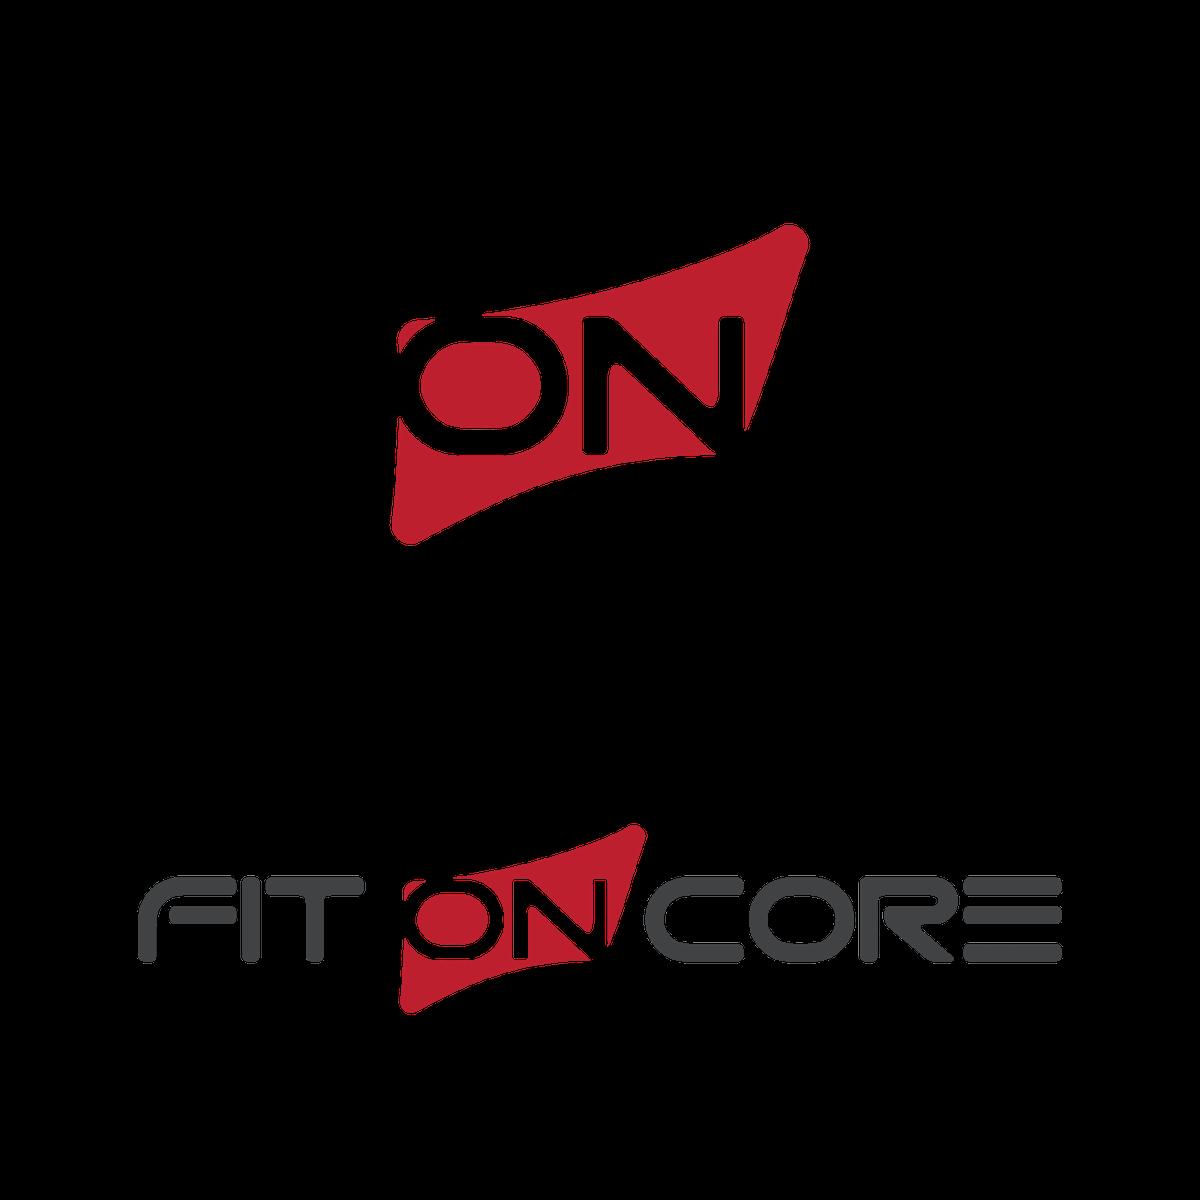 Logo design for fitness equipment for elderly